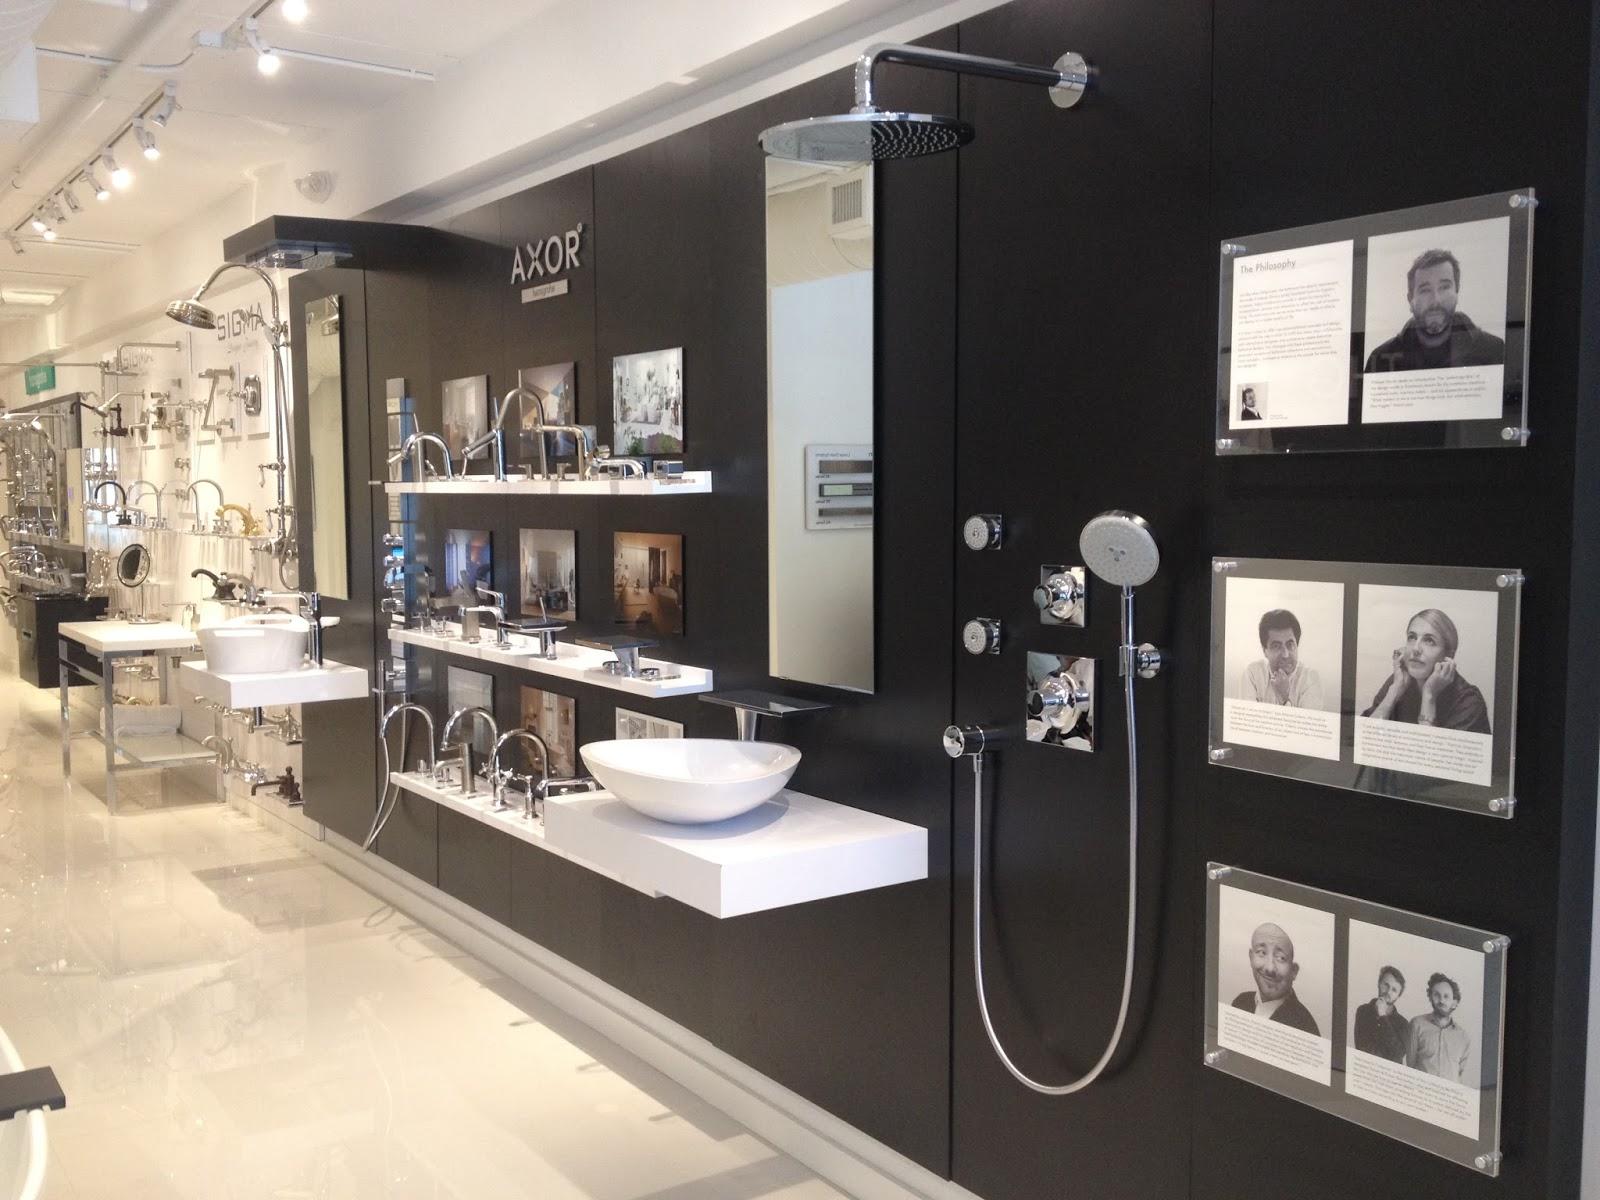 Đại lý showroom bồn cầu Inax tại Bắc Kạn chiết khấu cao năm 2018